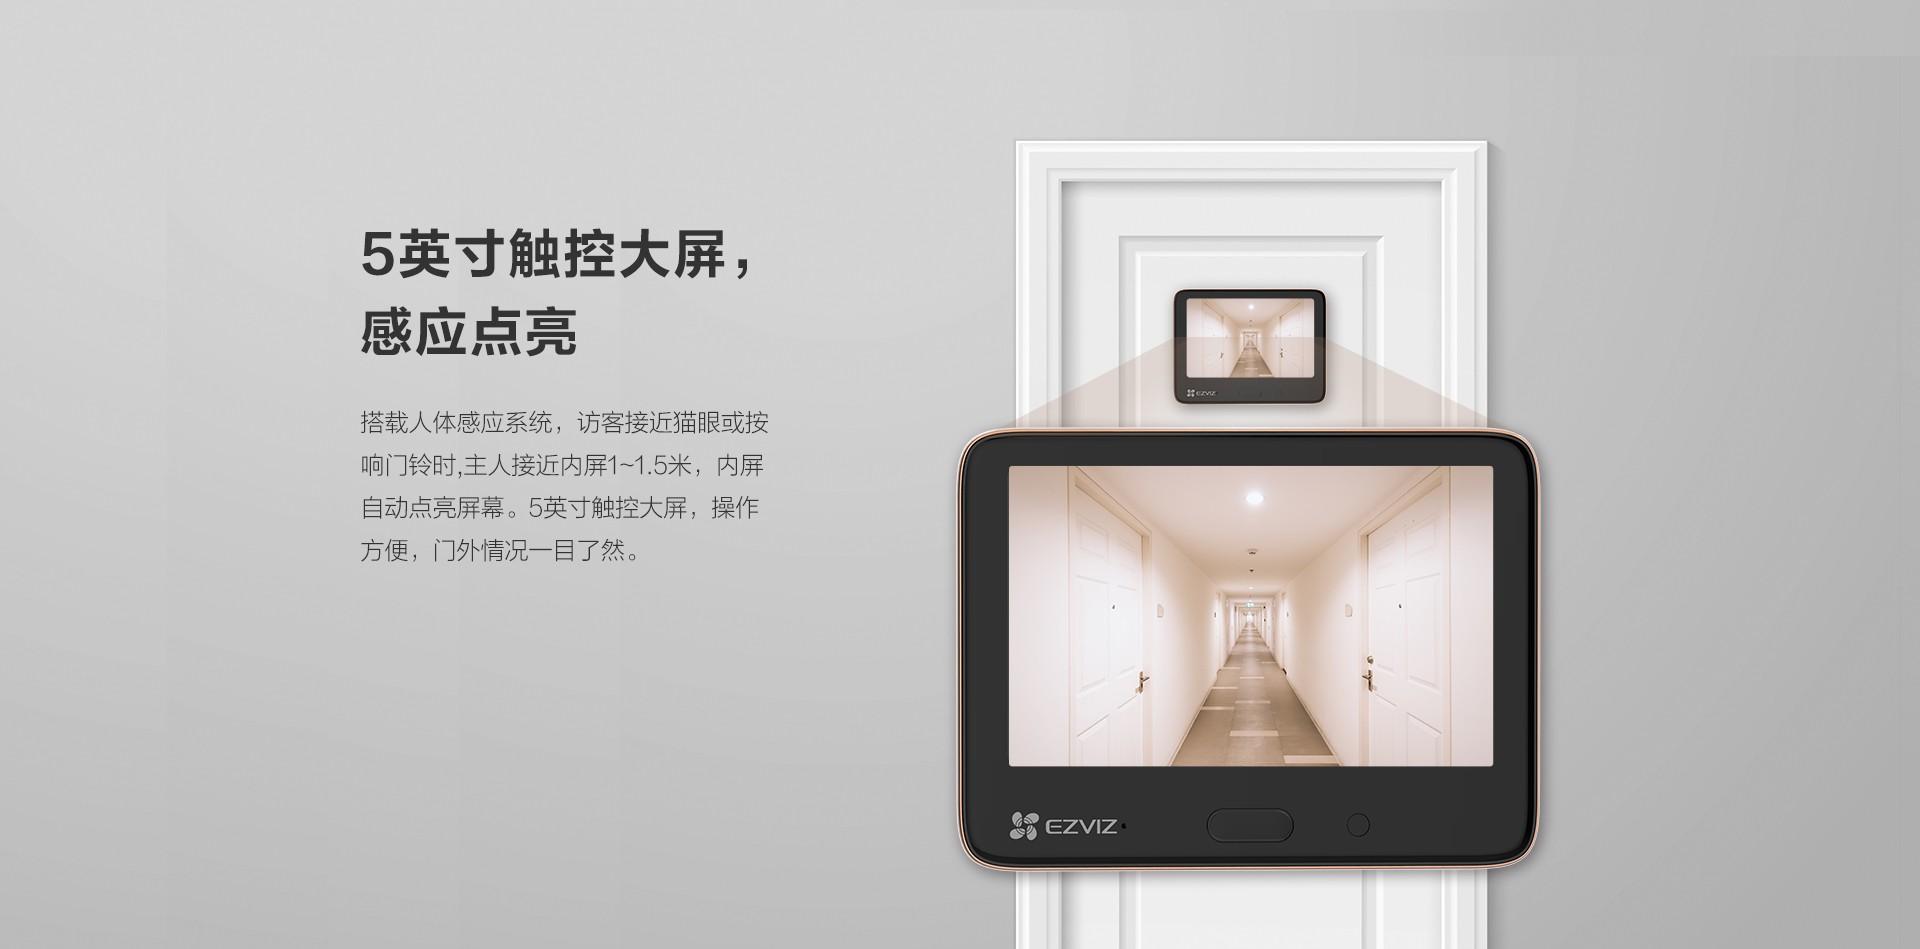 DP1S-web_06.jpg